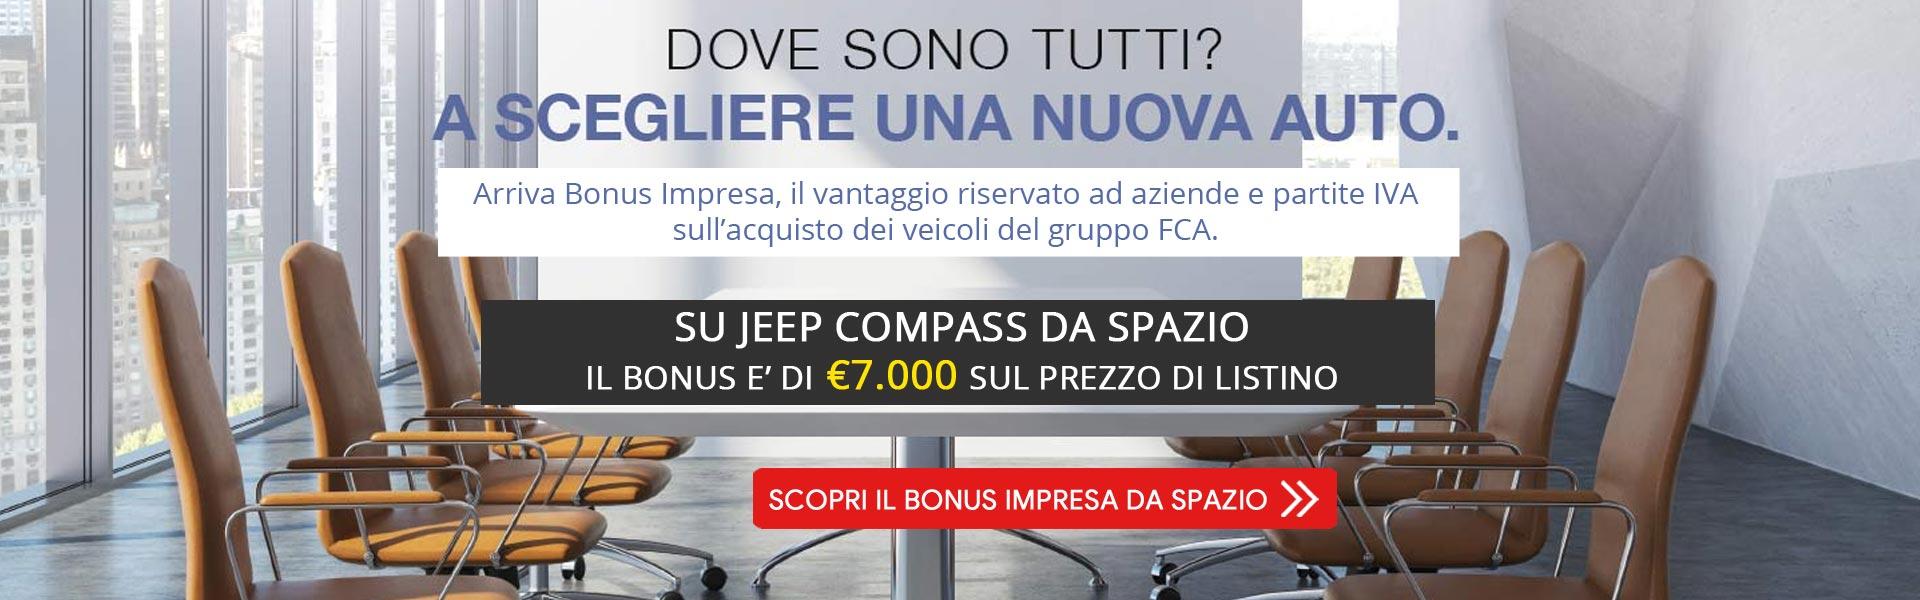 Bonus Impresa su Jeep Compass